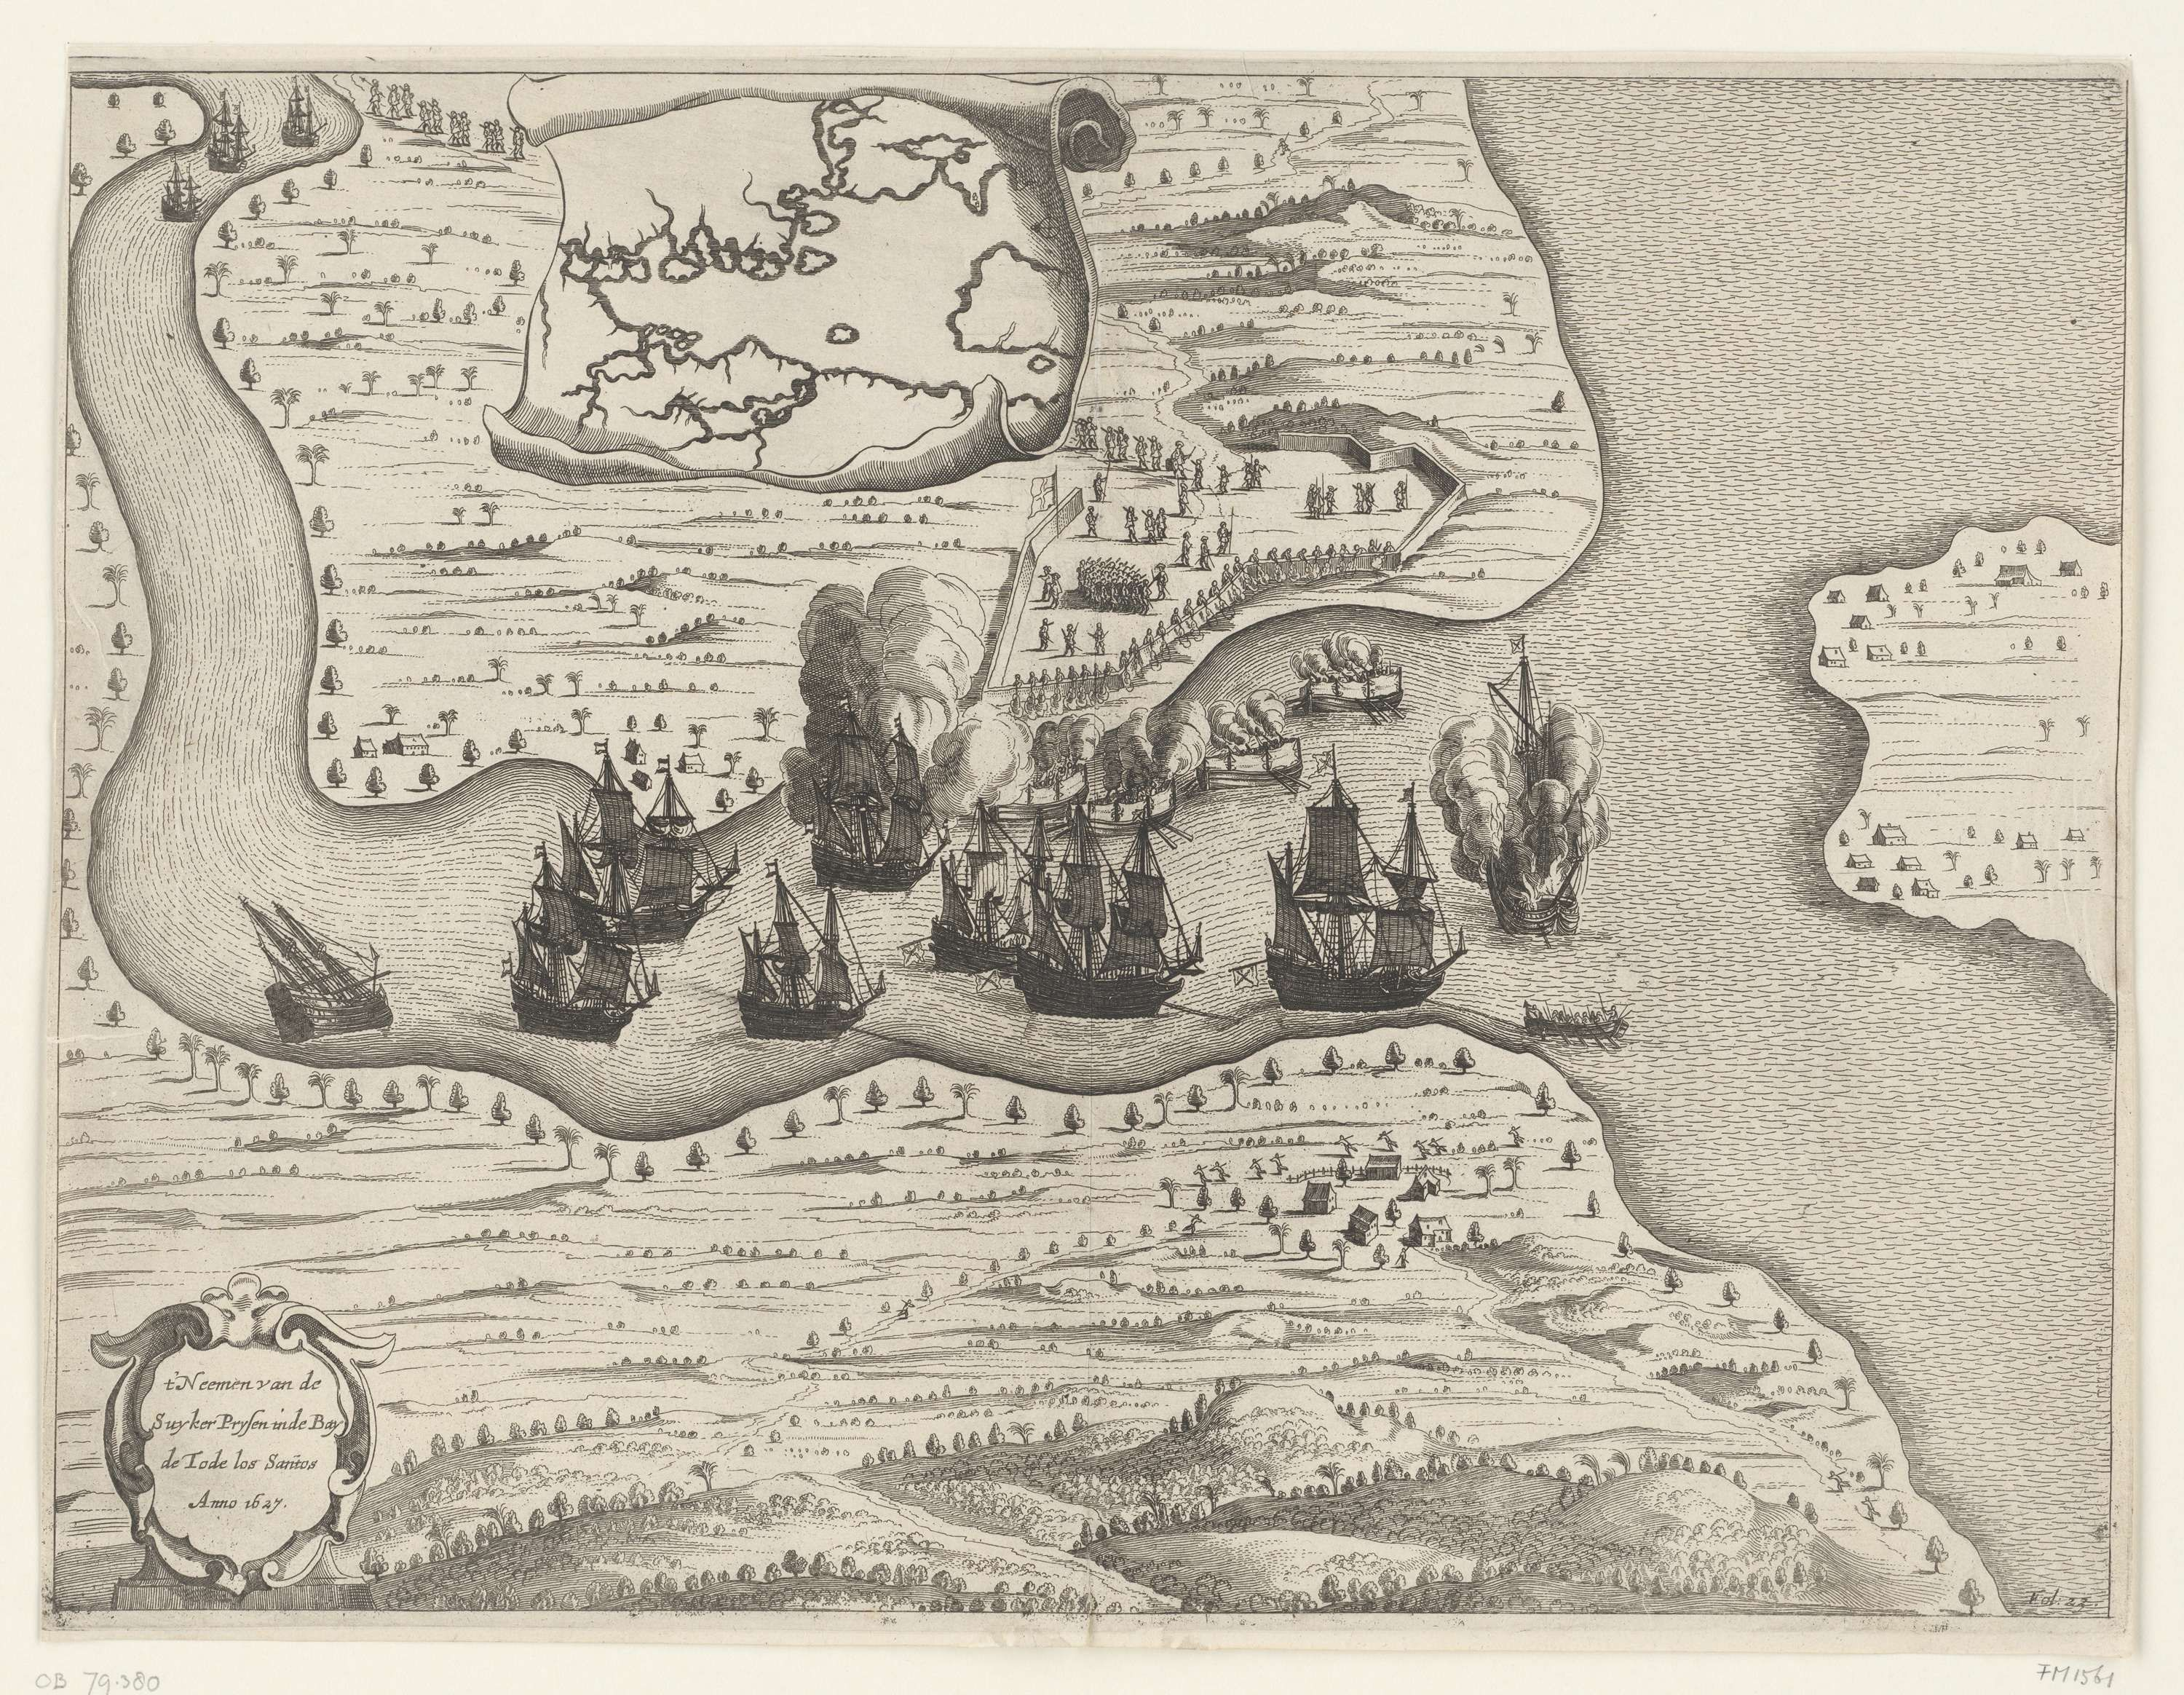 Anonymous   Portugese suikeropbrengsten buitgemaakt in de Bay de Tode los Santos, 1627, Anonymous, 1649 - 1651   Portugese schepen met de suikeropbrengsten buitgemaakt in de Bahia de Todos os Santos, 13 juni 1627. Kaart met de riviermonding met gevechten waar Hollandse schepen Portugese schepen (met de opbrengsten van de suikerteelt) buitmaken en deels in brand steken. Bovenaan een rol papier met een kaart van het groter gebied. Rechtsonder gemerkt Fol. 23.